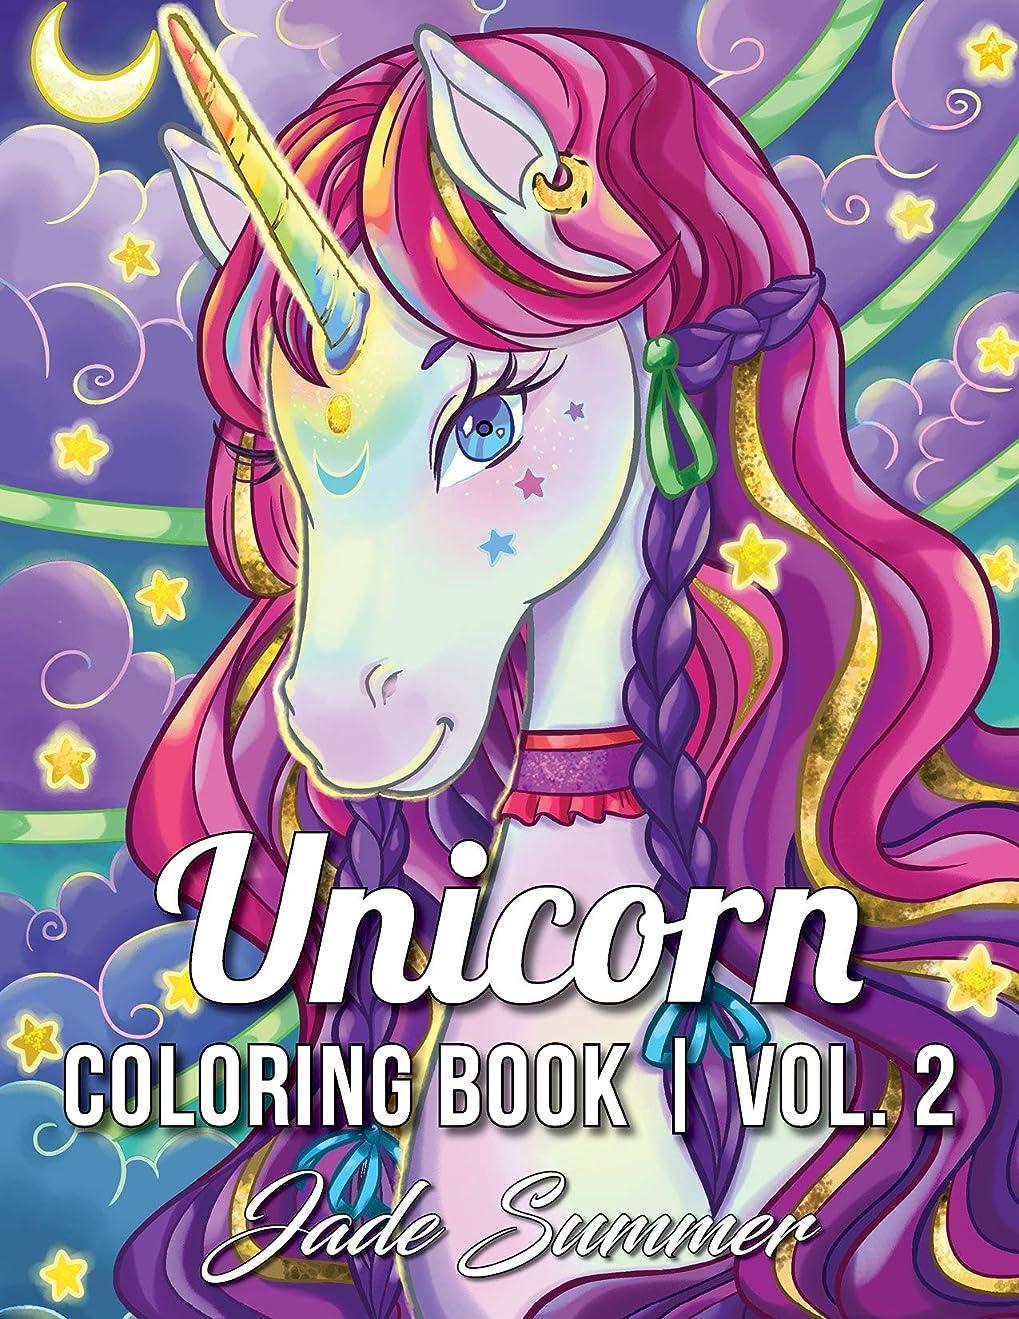 かすれたレポートを書くカテゴリーUnicorn Coloring Book: A Fantasy Coloring Book with Magical Unicorns, Beautiful Flowers, and Relaxing Fantasy Scenes